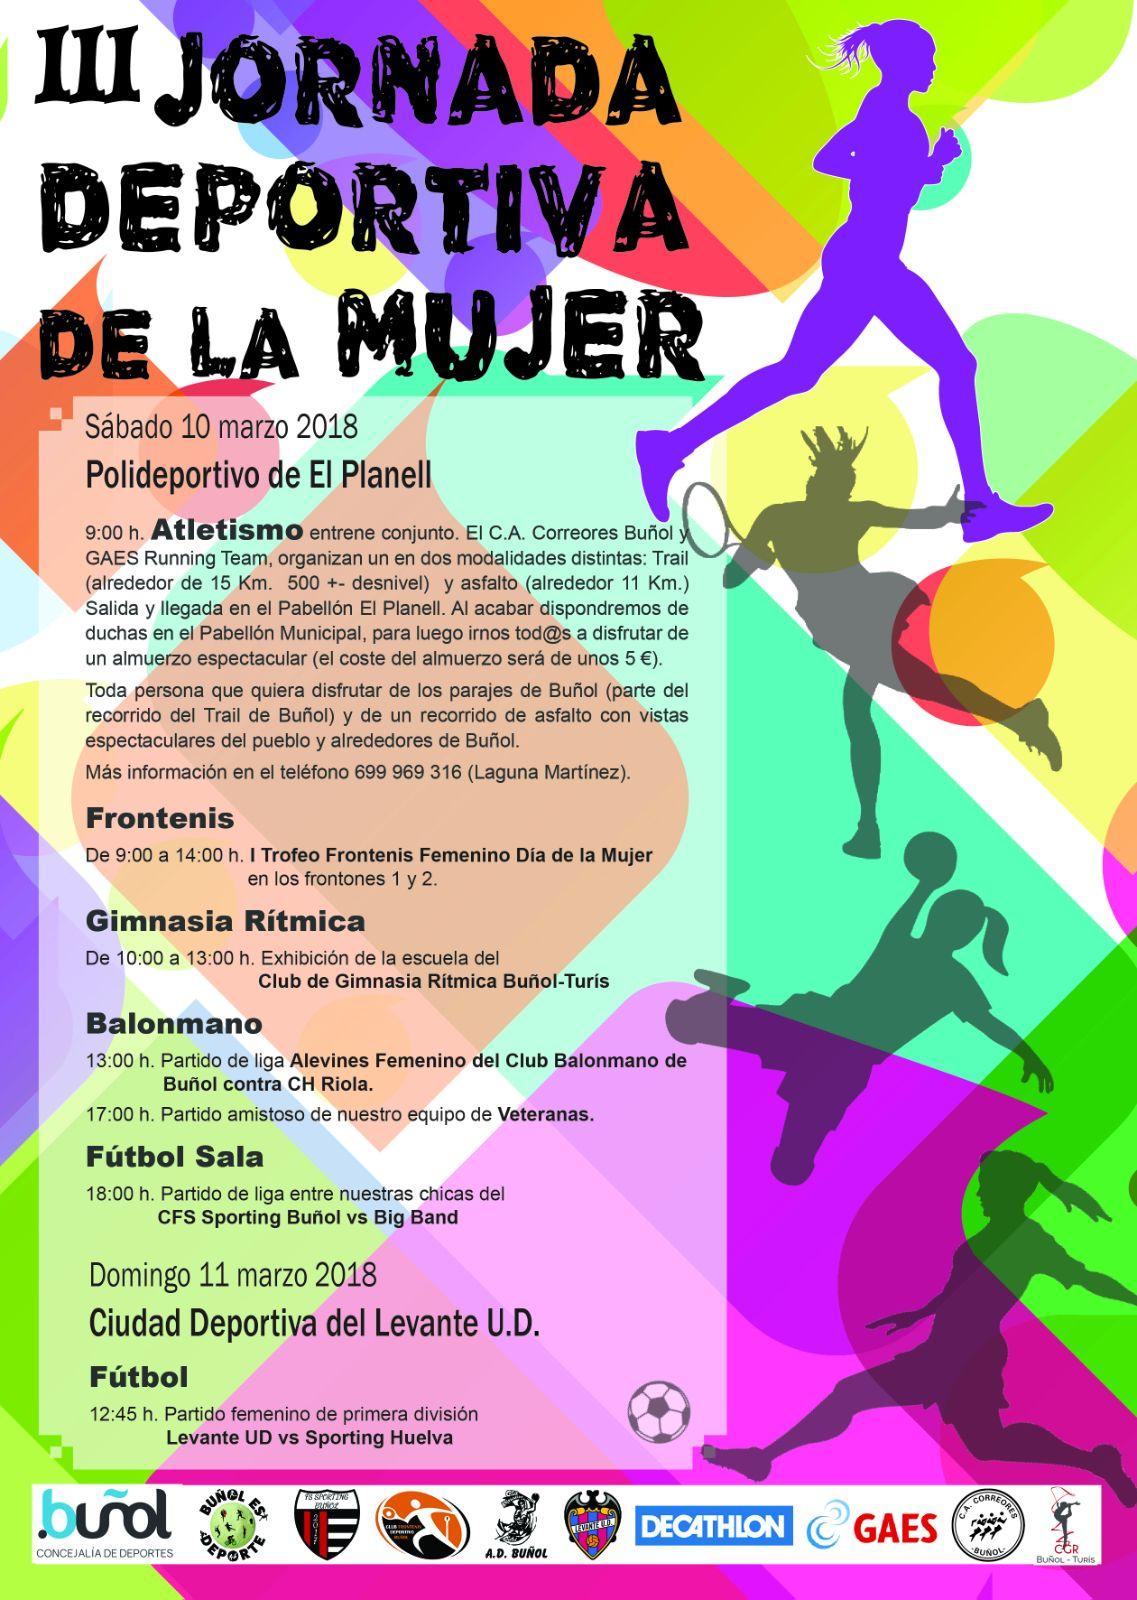 Cartel de las jornadas deportivas organizadas en Buñol.